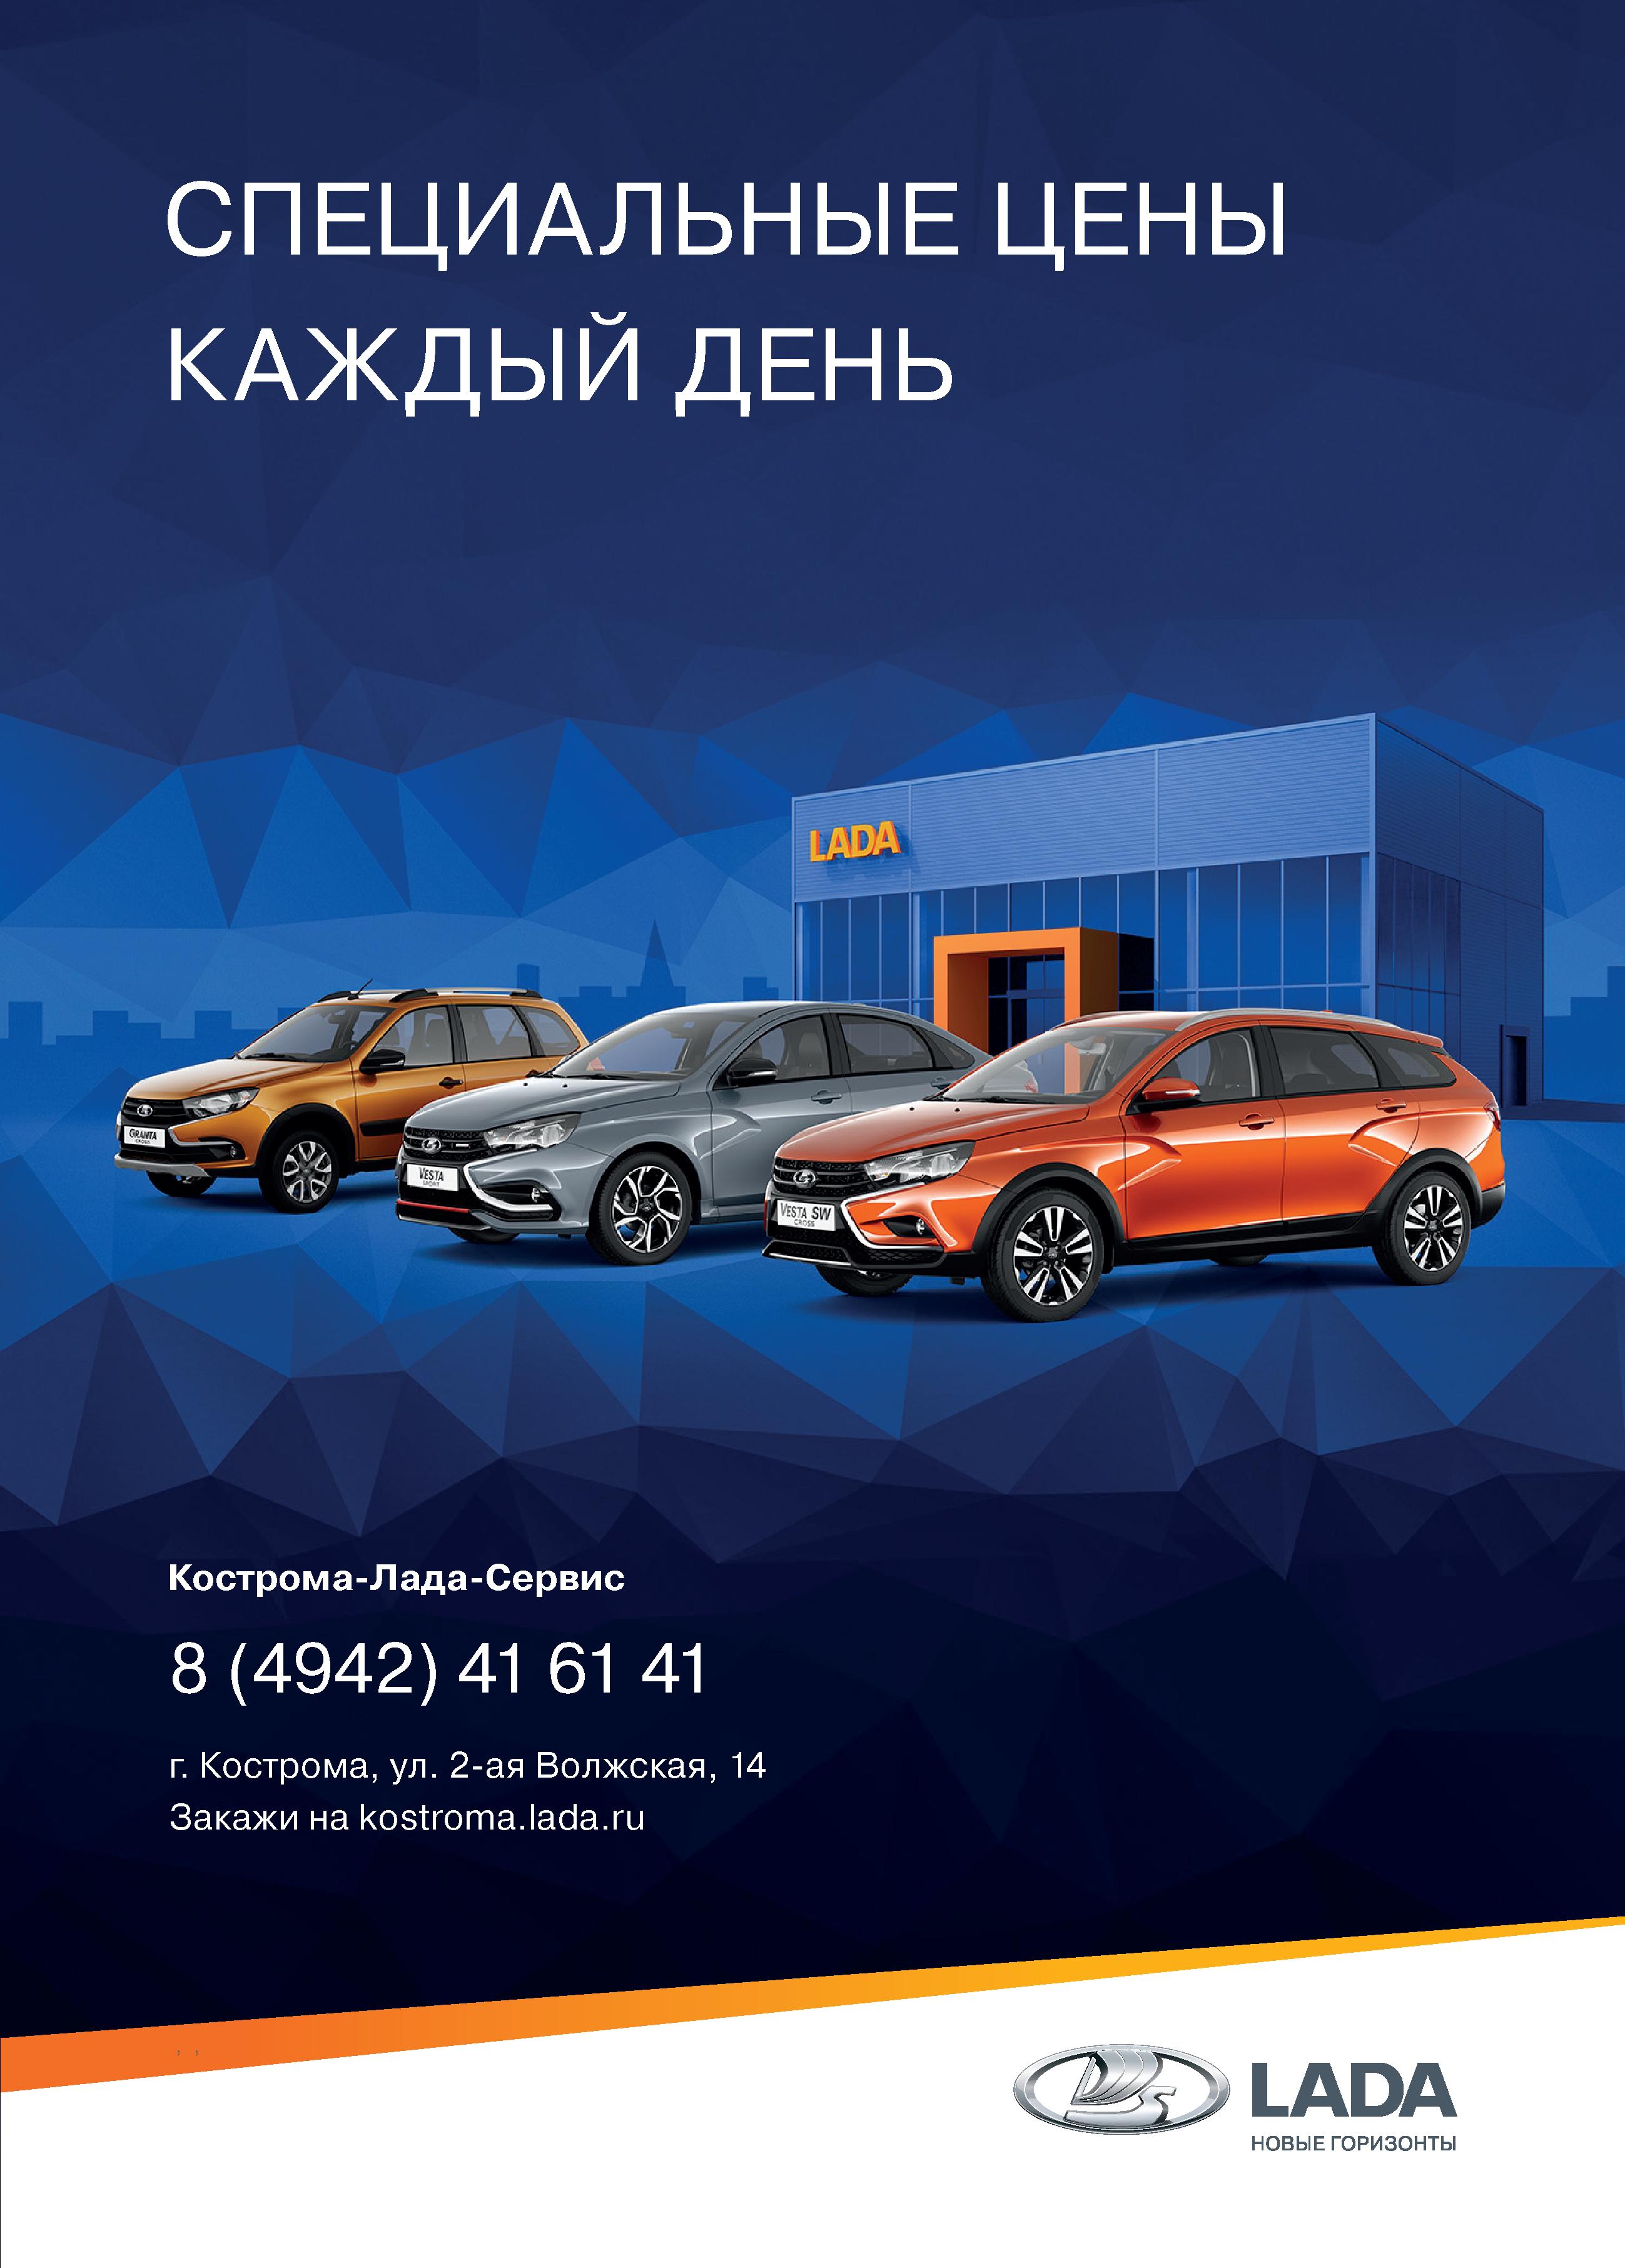 Автомобили LADA c дополнительной выгодой по специальной цене до 30.04.2021г.